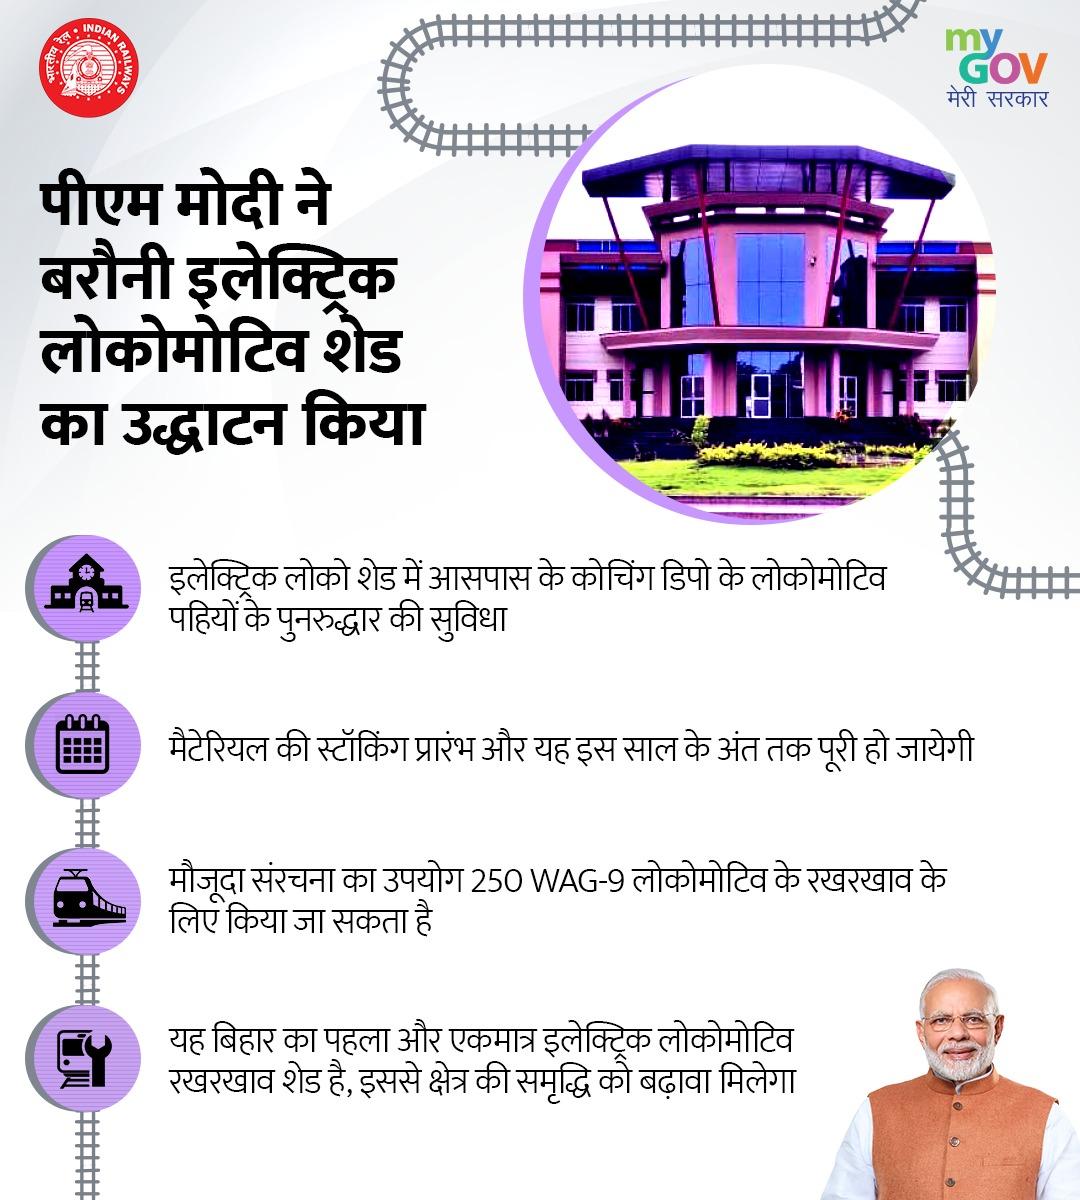 PM श्री Narendra Modi  जी ने आज  #Bihar के पहले और एकमात्र इलेक्ट्रिक लोकोमोटिव रख-रखाव शेड का शुभारंभ कर क्षेत्र में समृद्धि का एक नया द्वार खोल दिया।  #BiharKaPragatiPath